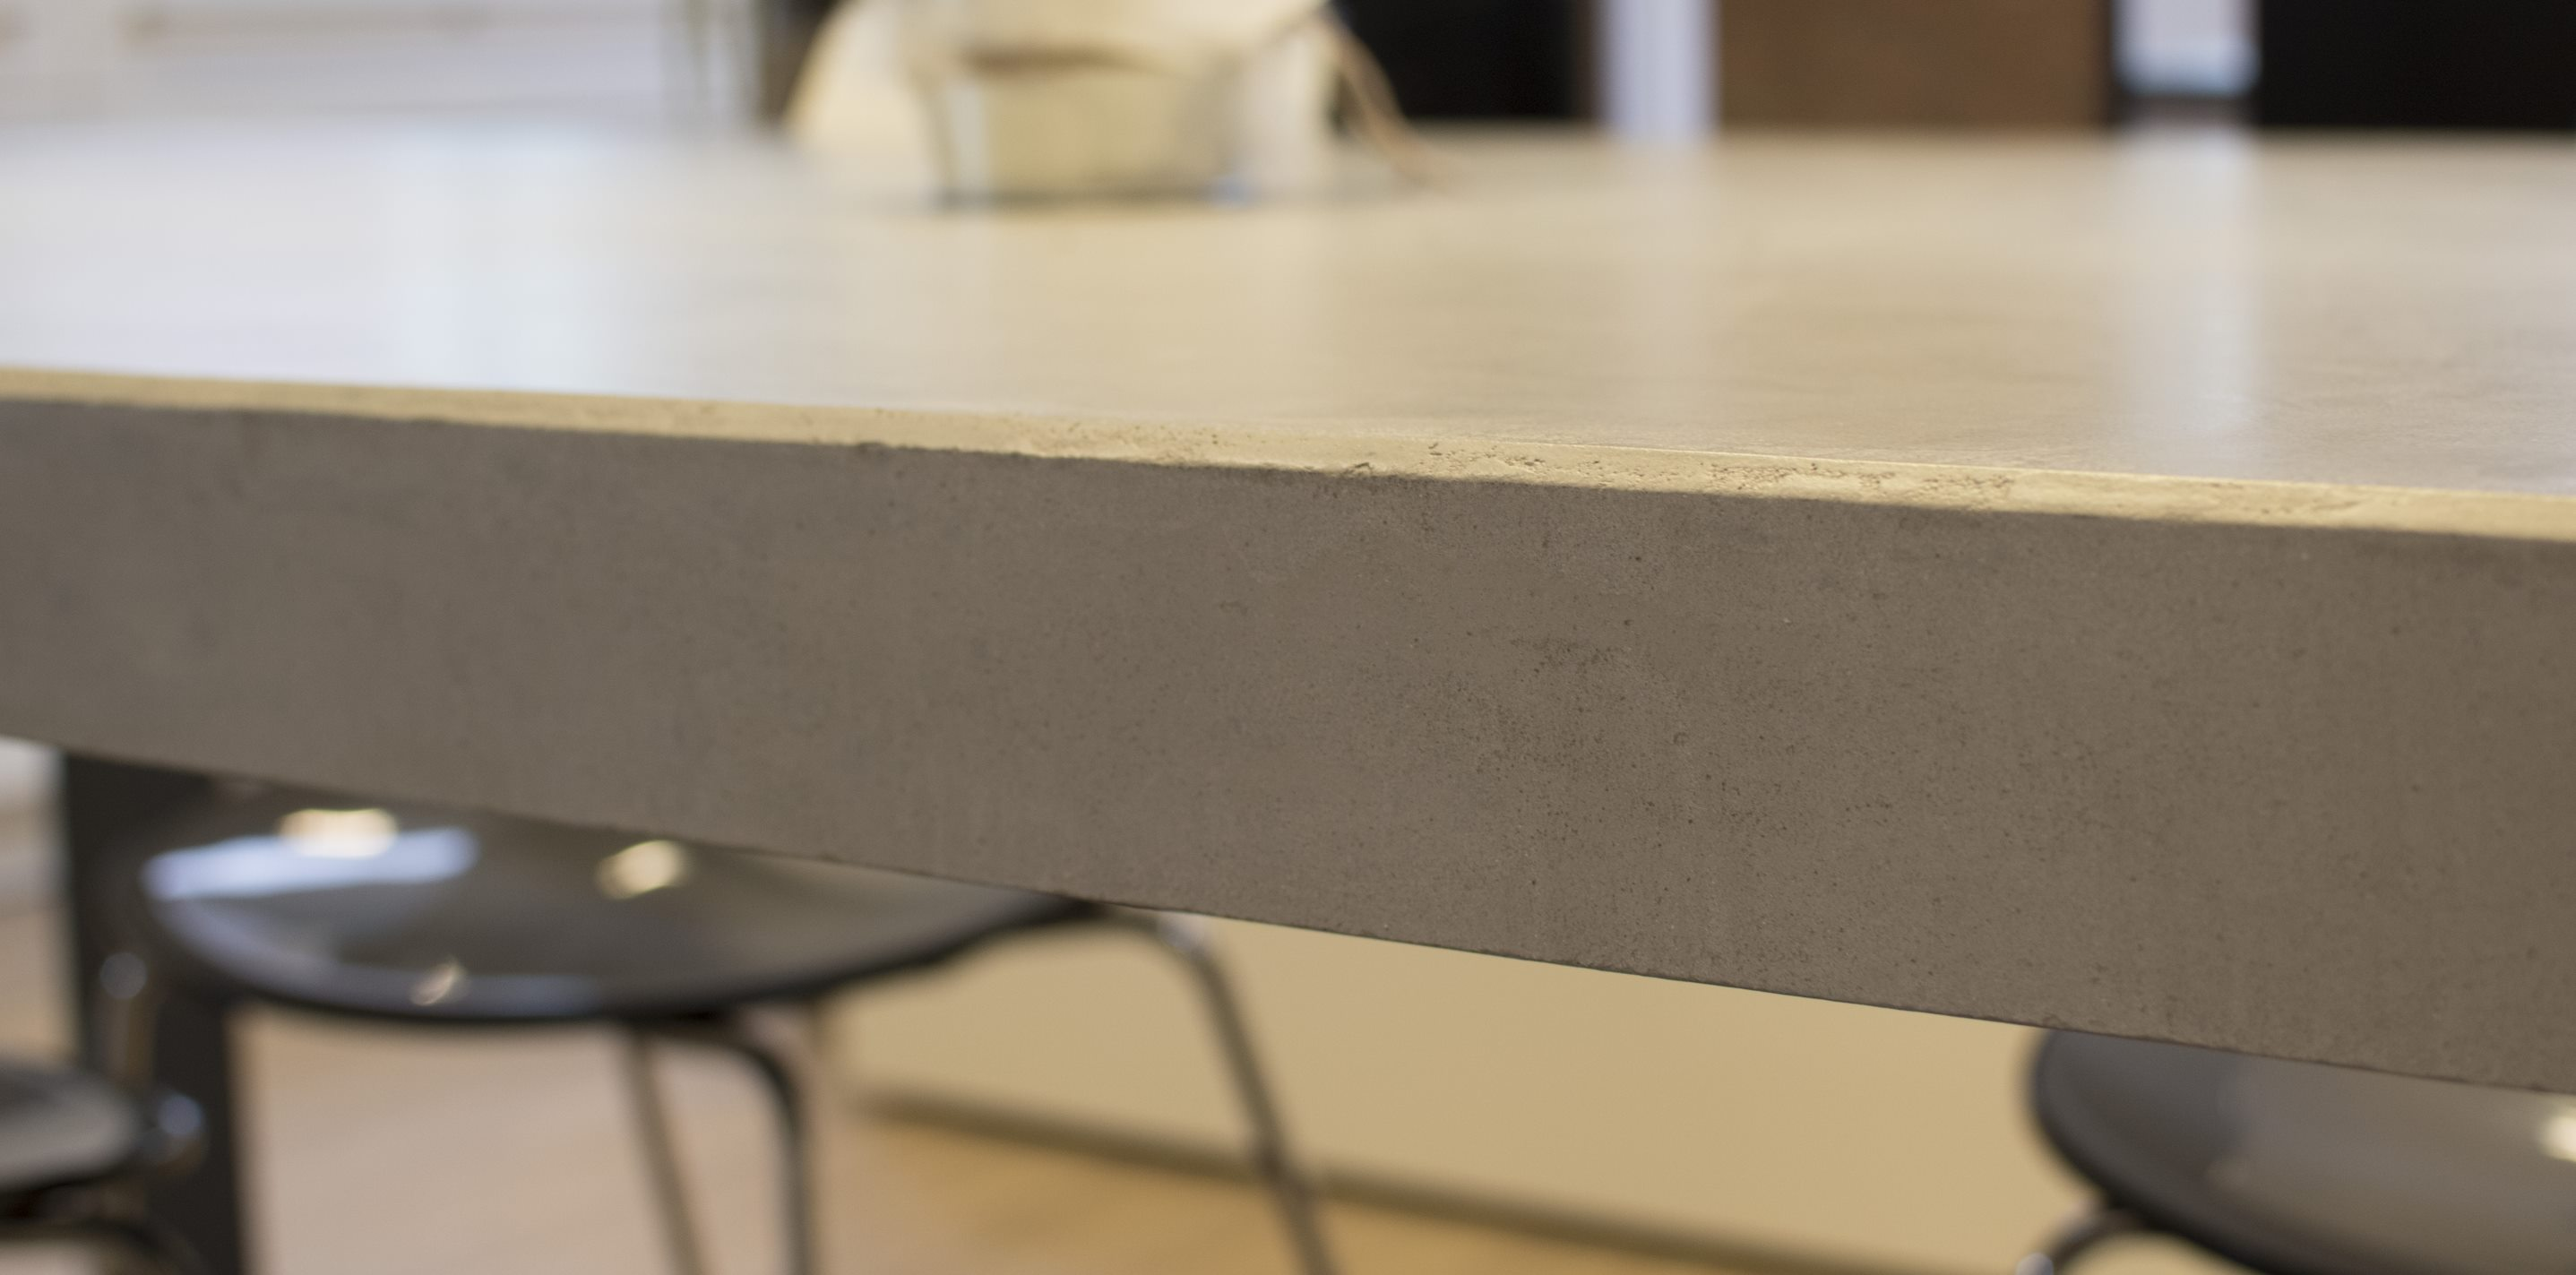 mainTisch-Beton-Tisch-Betontist-massTisch-Schreibtisch-Esstisch-Stahlrahmen3